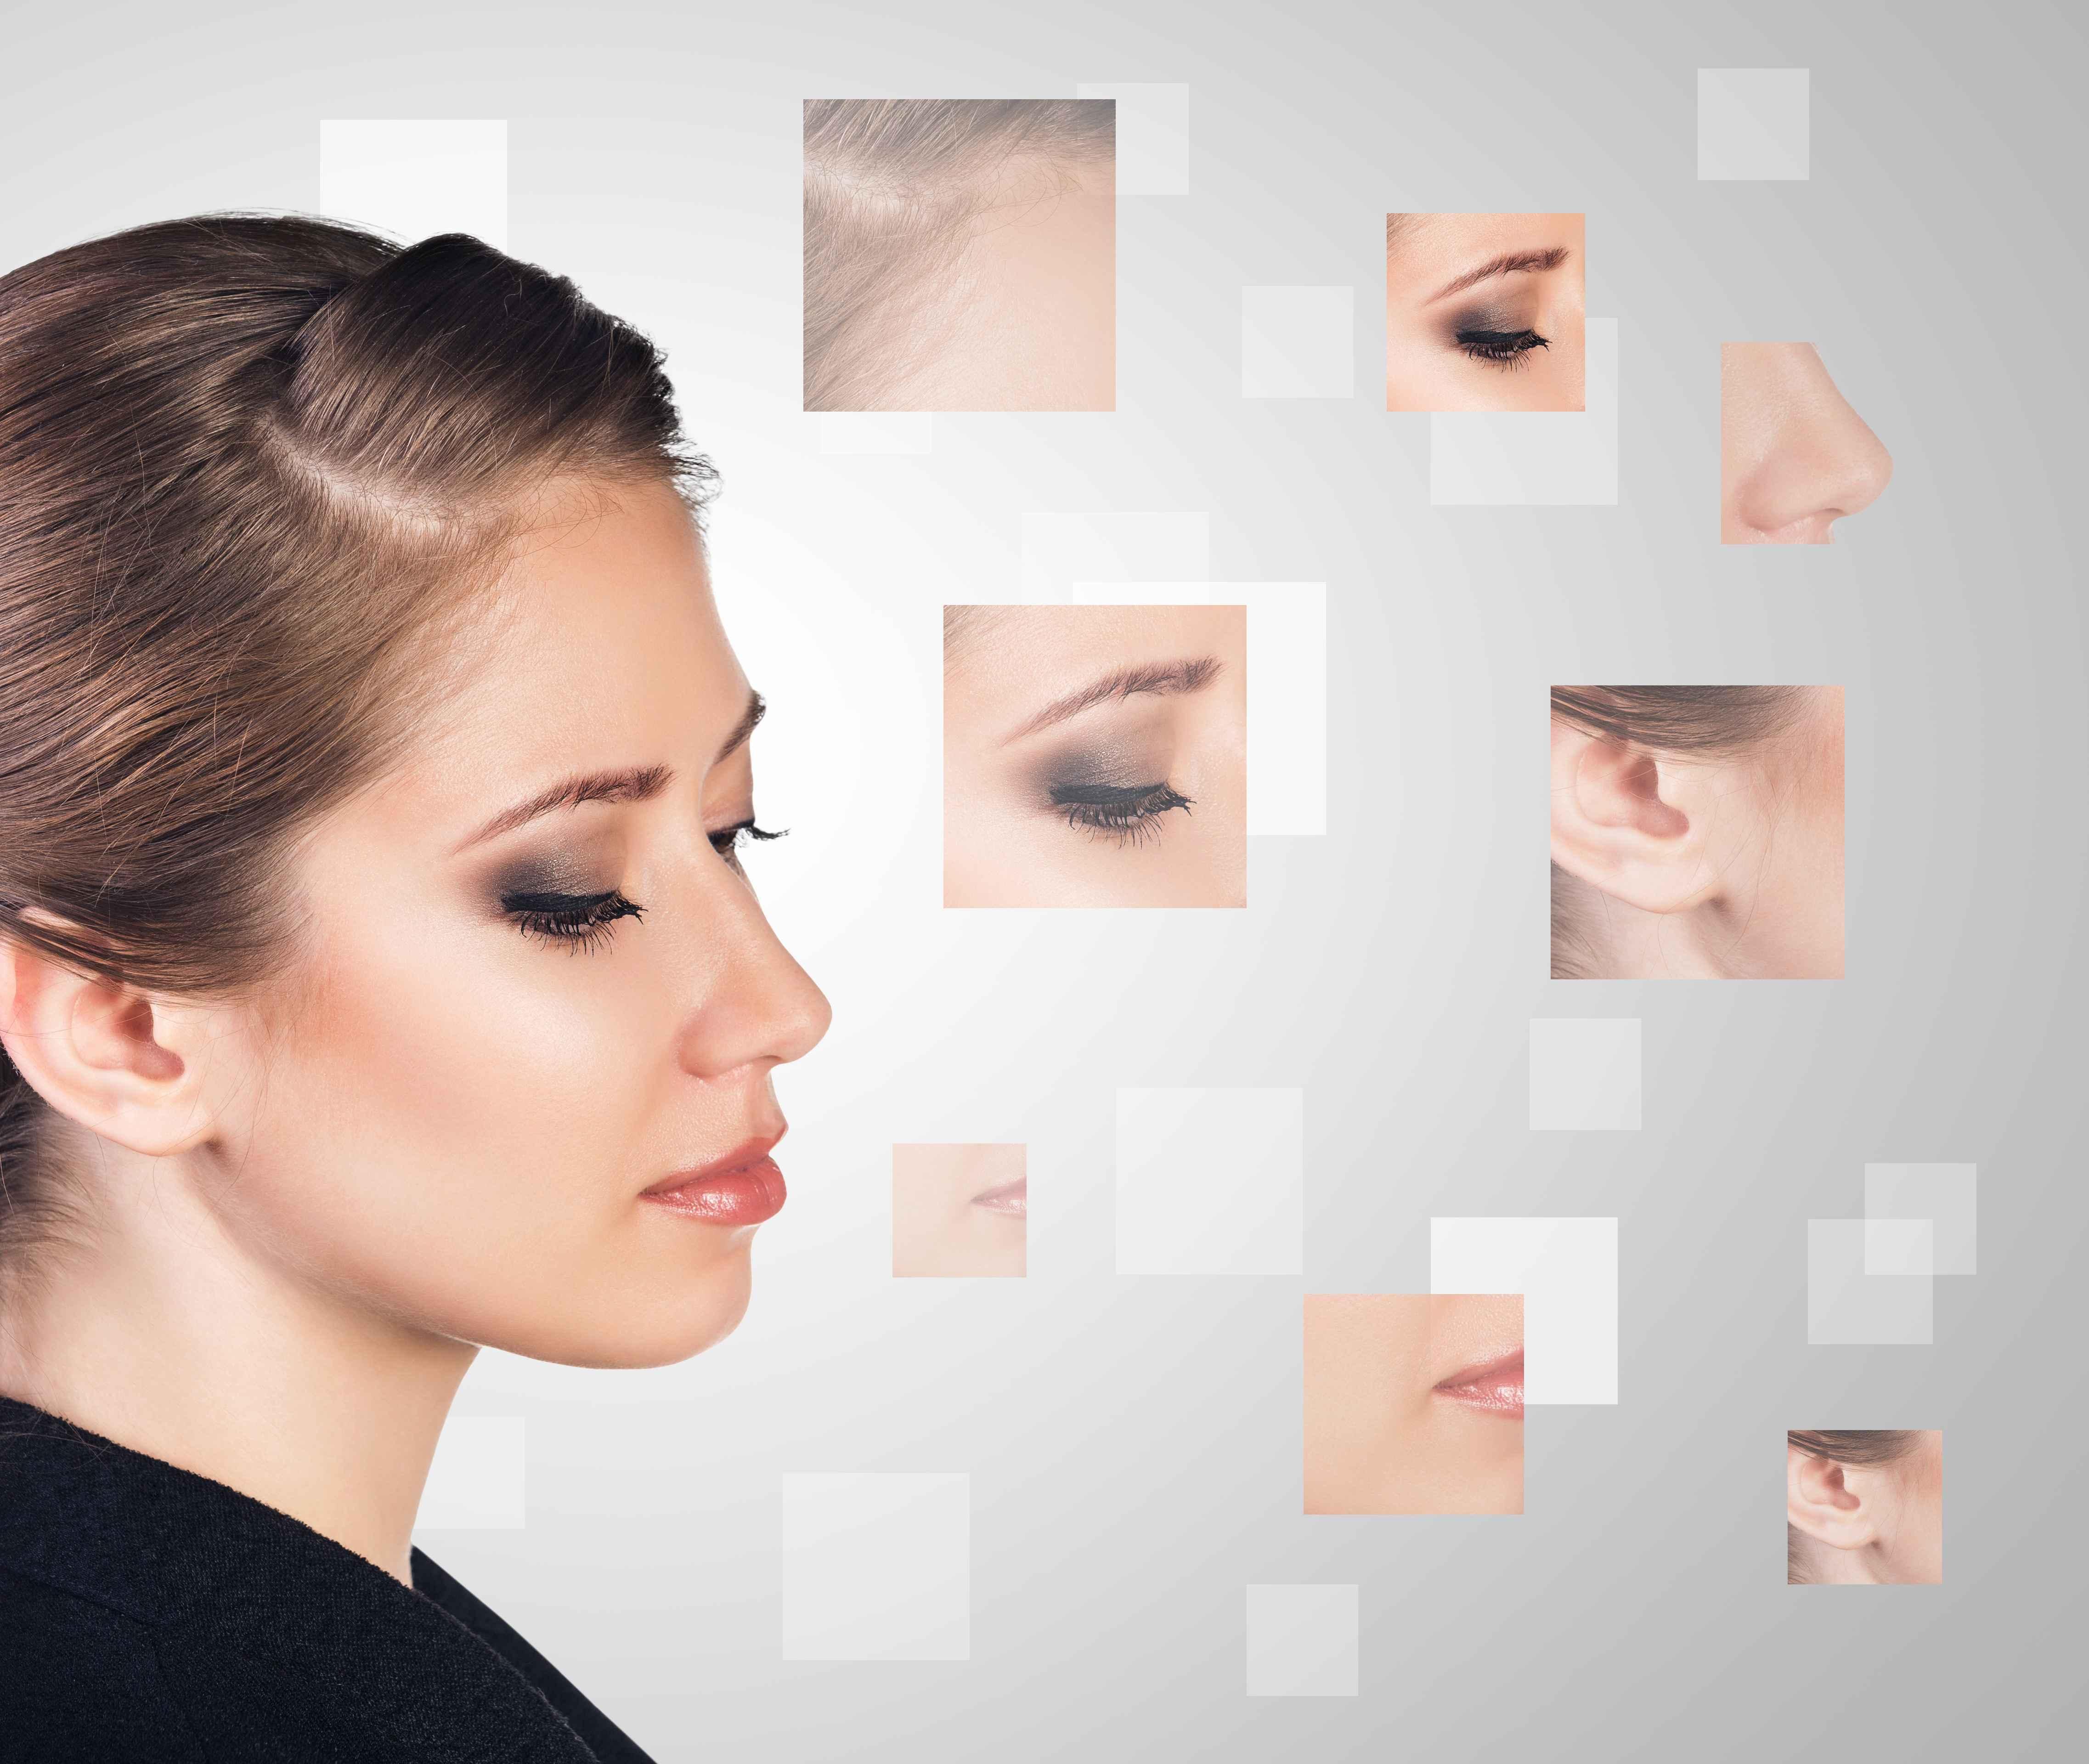 淡化疤痕黑色素的药膏有什么淡化疤痕黑色素有哪些方法